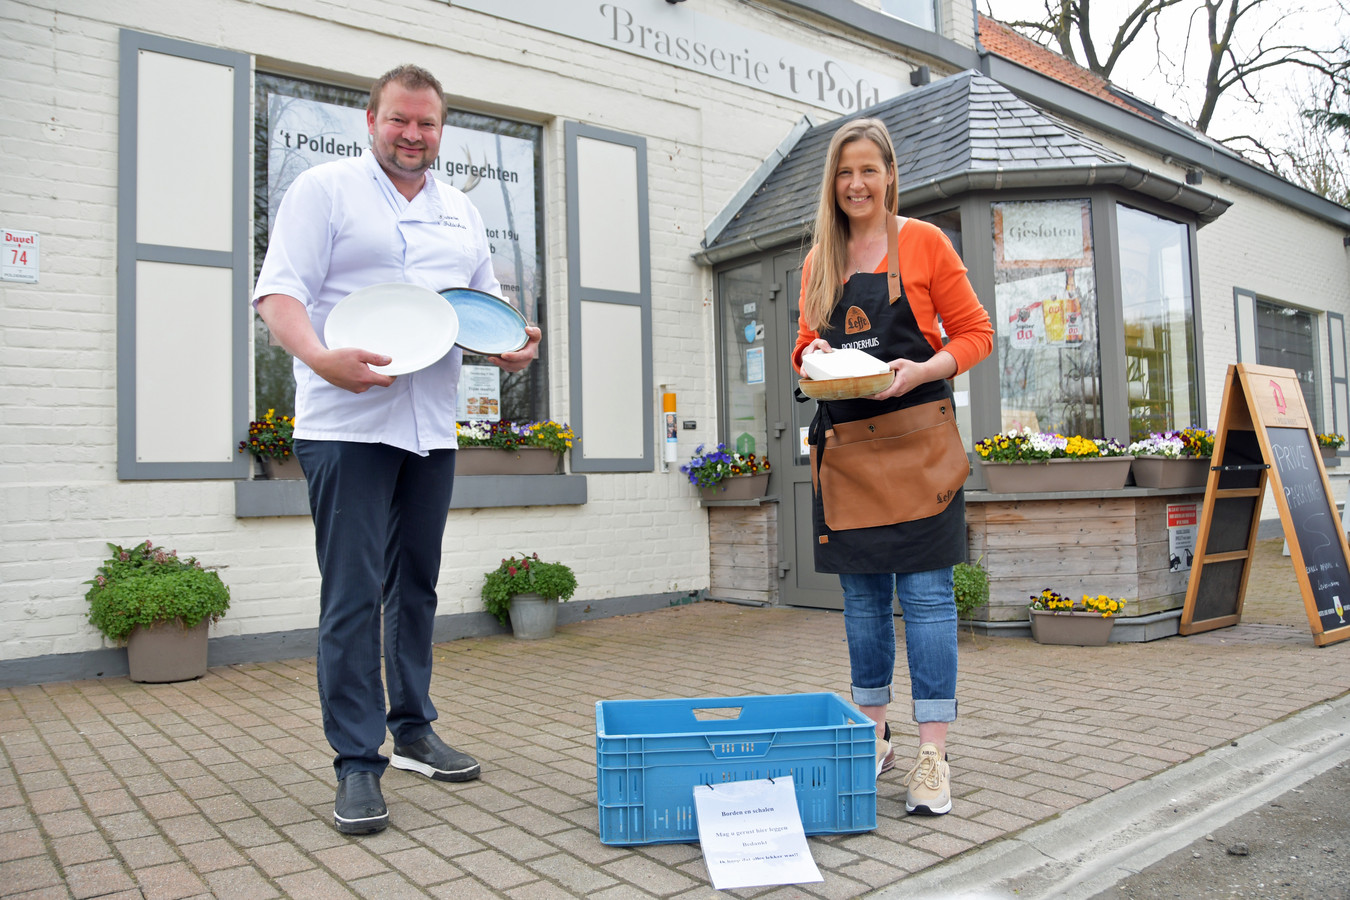 Philip Meul en partner Nathalie de Schrijver van Brasserie 't Polderhuis in Moerbeke bij de blauwe krat waar klanten nog steeds de geleende borden in mogen zetten. 't Polderhuis kreeg zaterdag gratis een nieuwe partij borden van een groothandel.